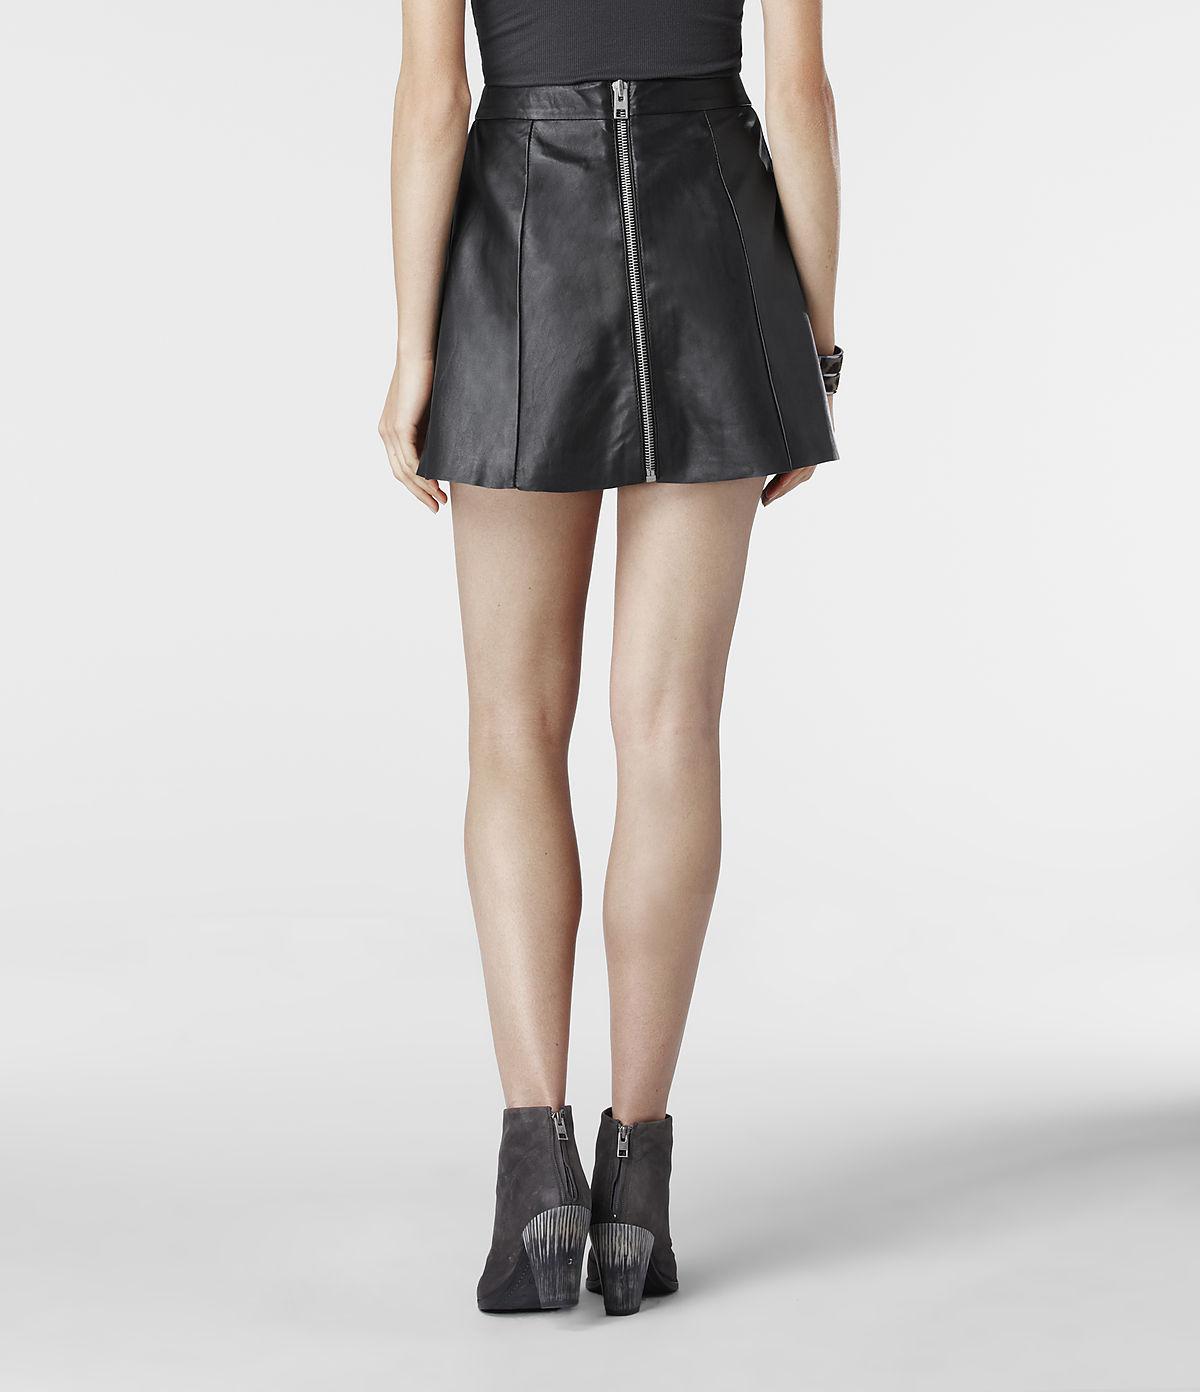 allsaints sens leather skirt in black lyst